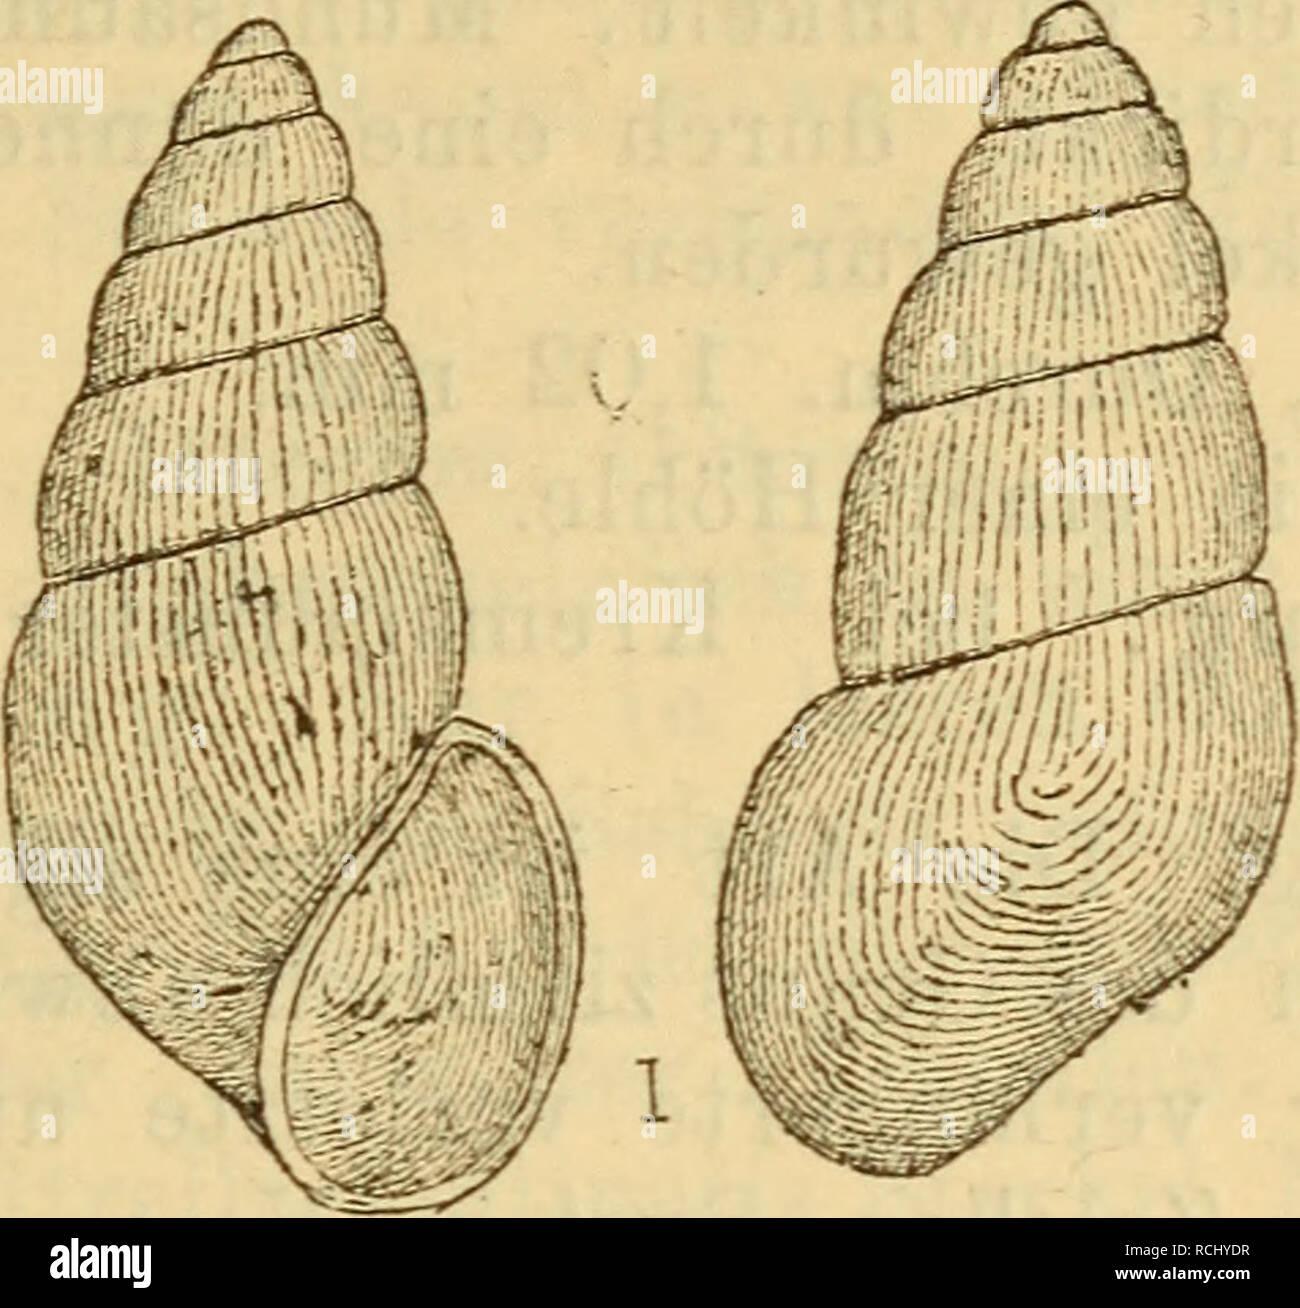 . Die Mollusken-Fauna Mitteleuropa's. Mollusks. 629 kirte Ecke ausgezogen, nicht nach rechts vortretend; Mund- saum scharf, zusammenhängend, kaum erweitert, etwas ver- dickt; Spindelrand umgeschlagen, fest angedrückt; Deckel? Fig. 422.. Vit. gracilis. Höhe 1,9 mm., Durchm. 0,6 mm. Verbreitung: In Krain im Auswurfe der Bäche. Bemerkung. Die Art ist sehr eigenthümlich und von allen übrigen des Genus leicht zu unterscheiden. 6. Vitrella Pfeifferi n. sp. Thier: nicht beschrieben. Fig. 423,. Please note that these images are extracted from scanned page images that may have been digitally enhanced f Stock Photo